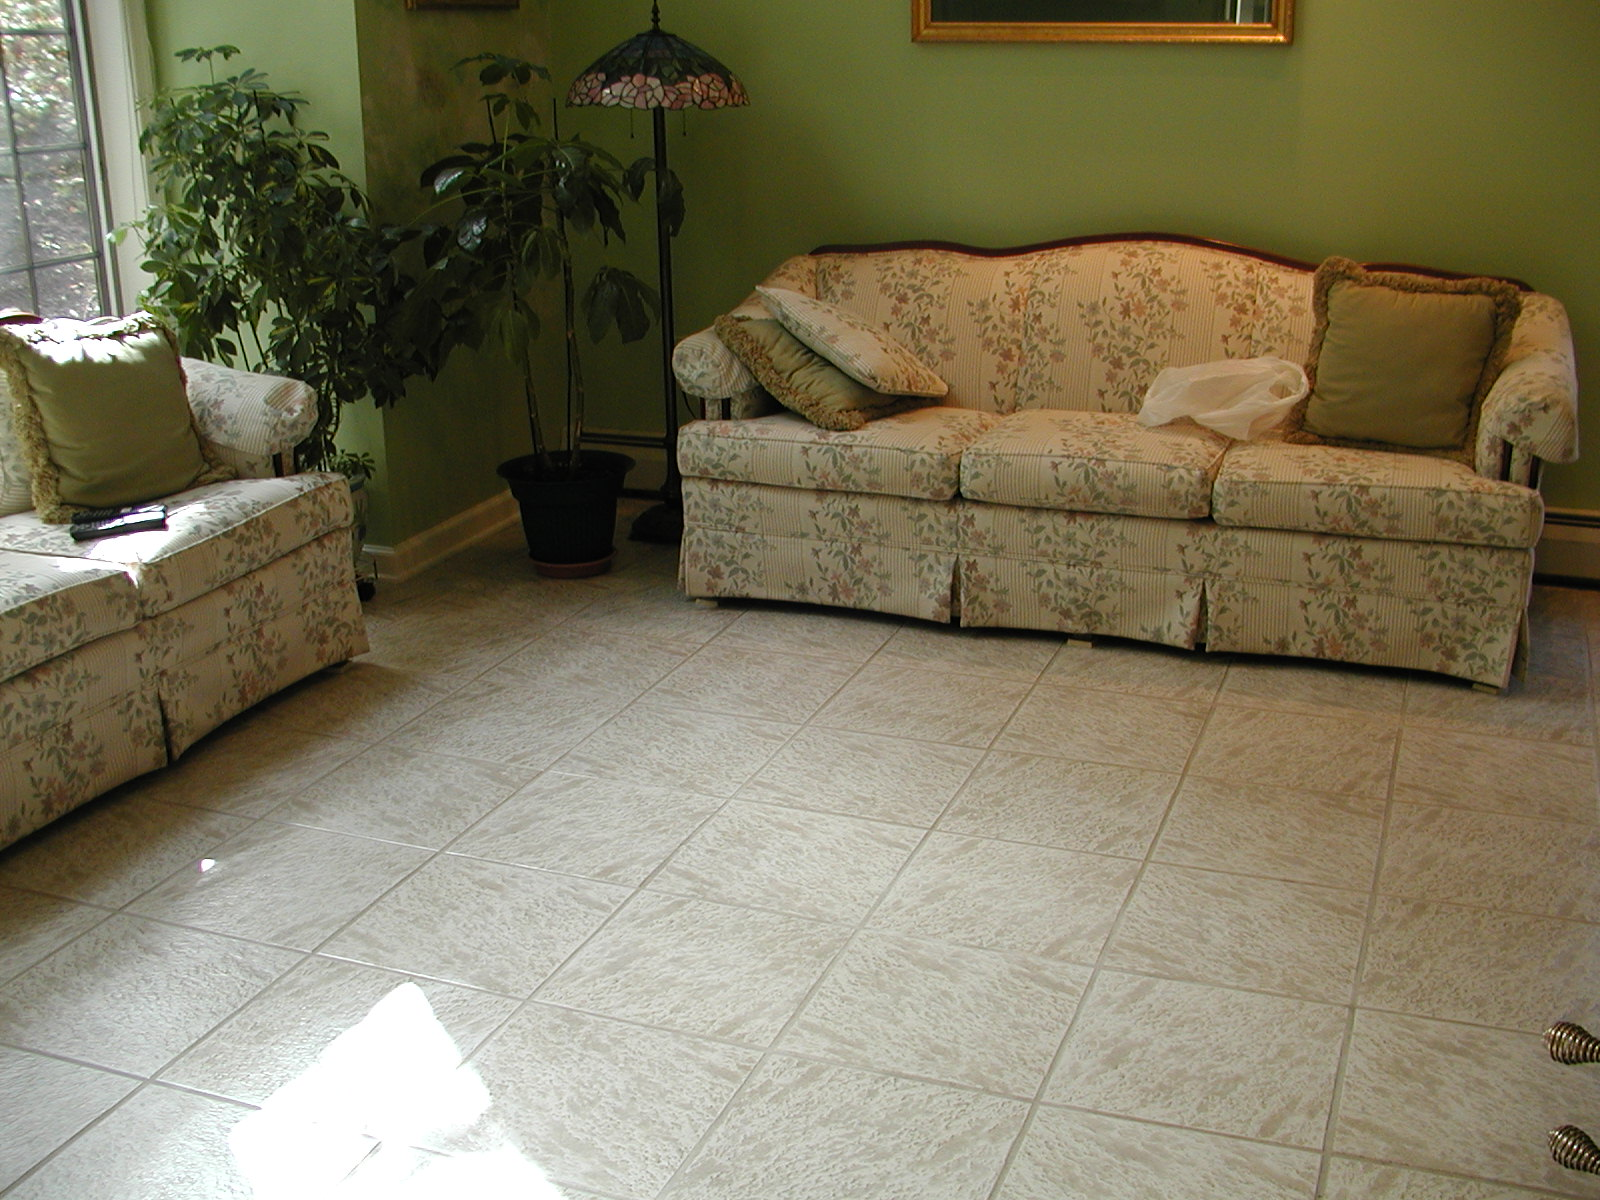 Fitnesspedia preventing falls in senior citizens - Tiles design for small living room ...